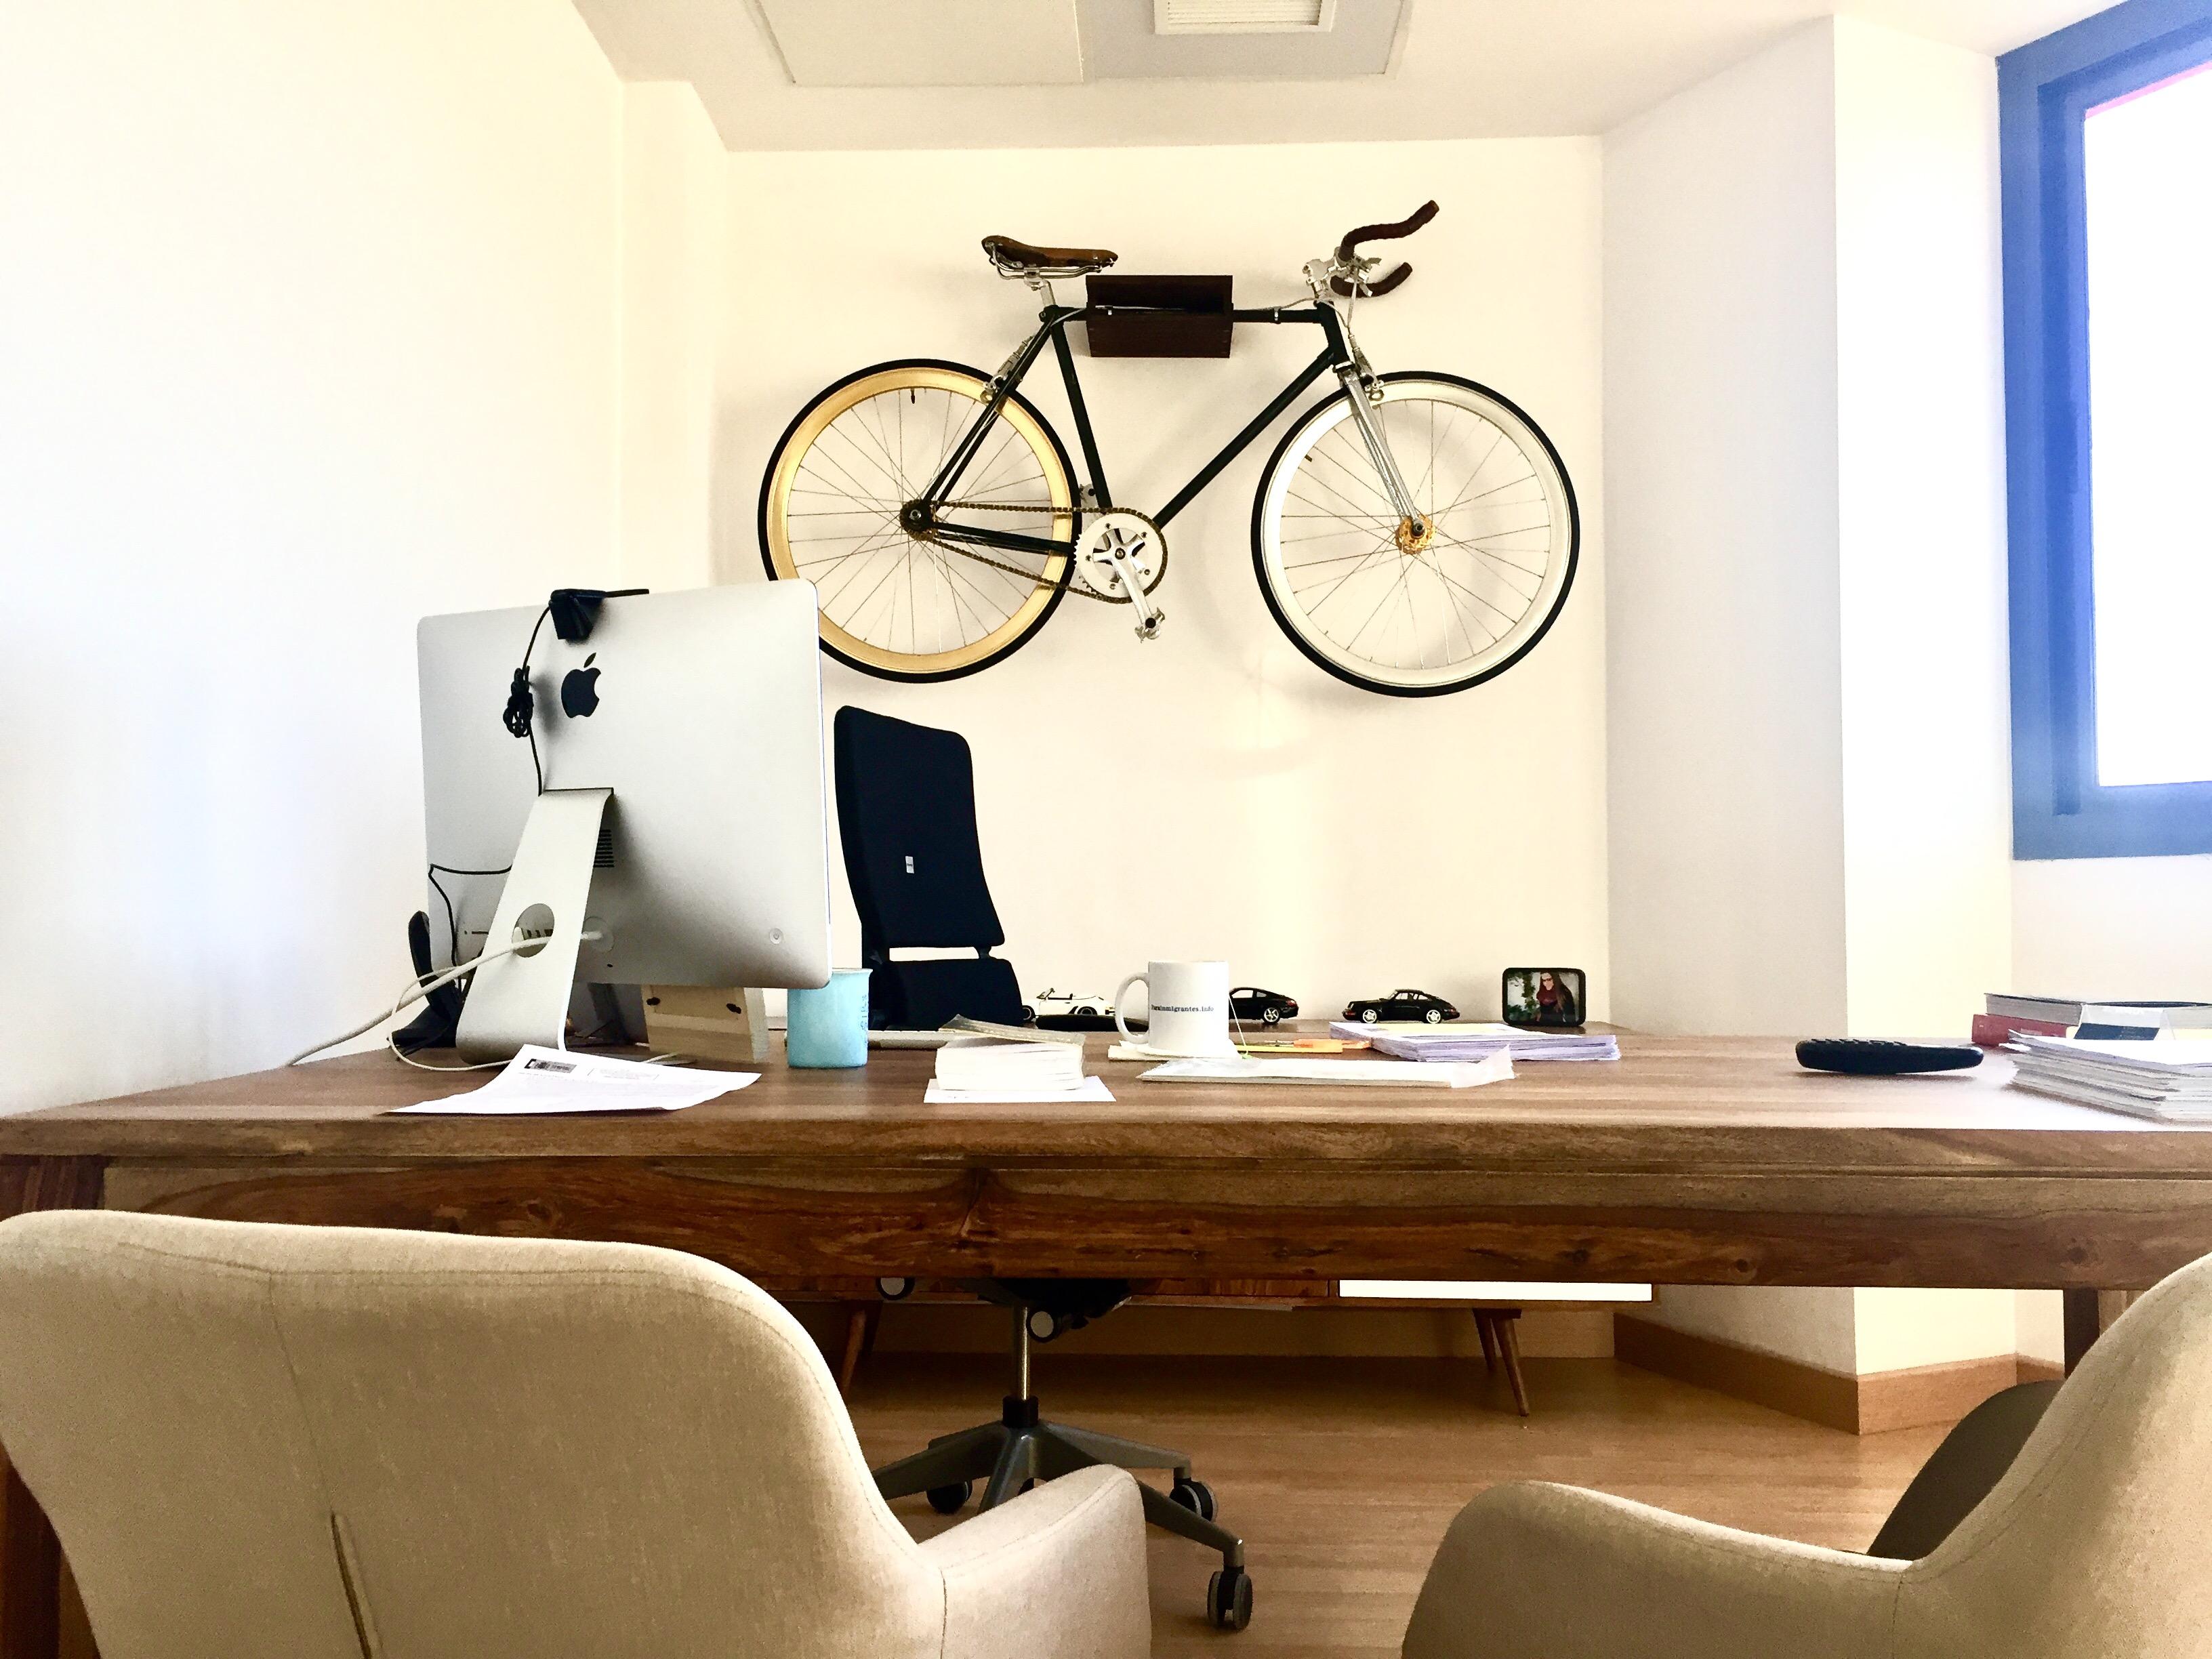 despacho bici autonomo